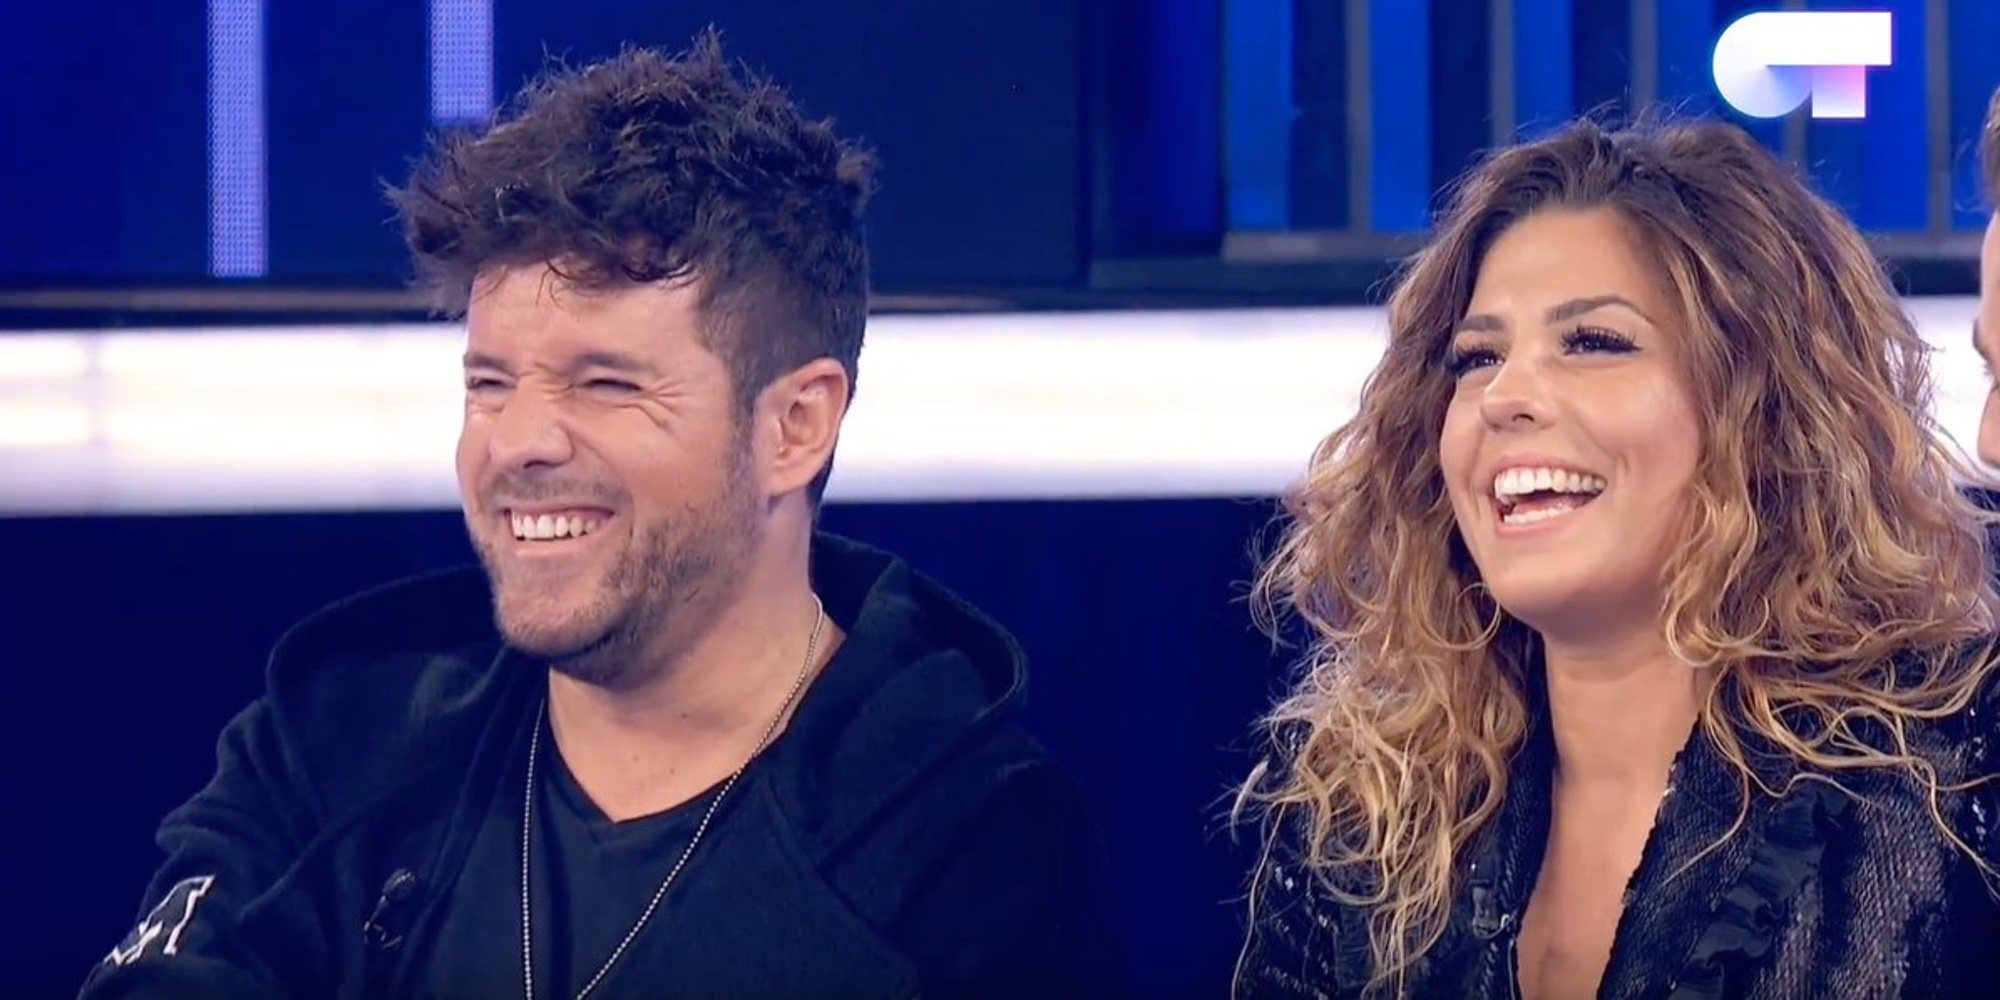 La reacción de Pablo López y Miriam Rodríguez sobre su colaboración que ha levantado sospechas en 'OT 2018'